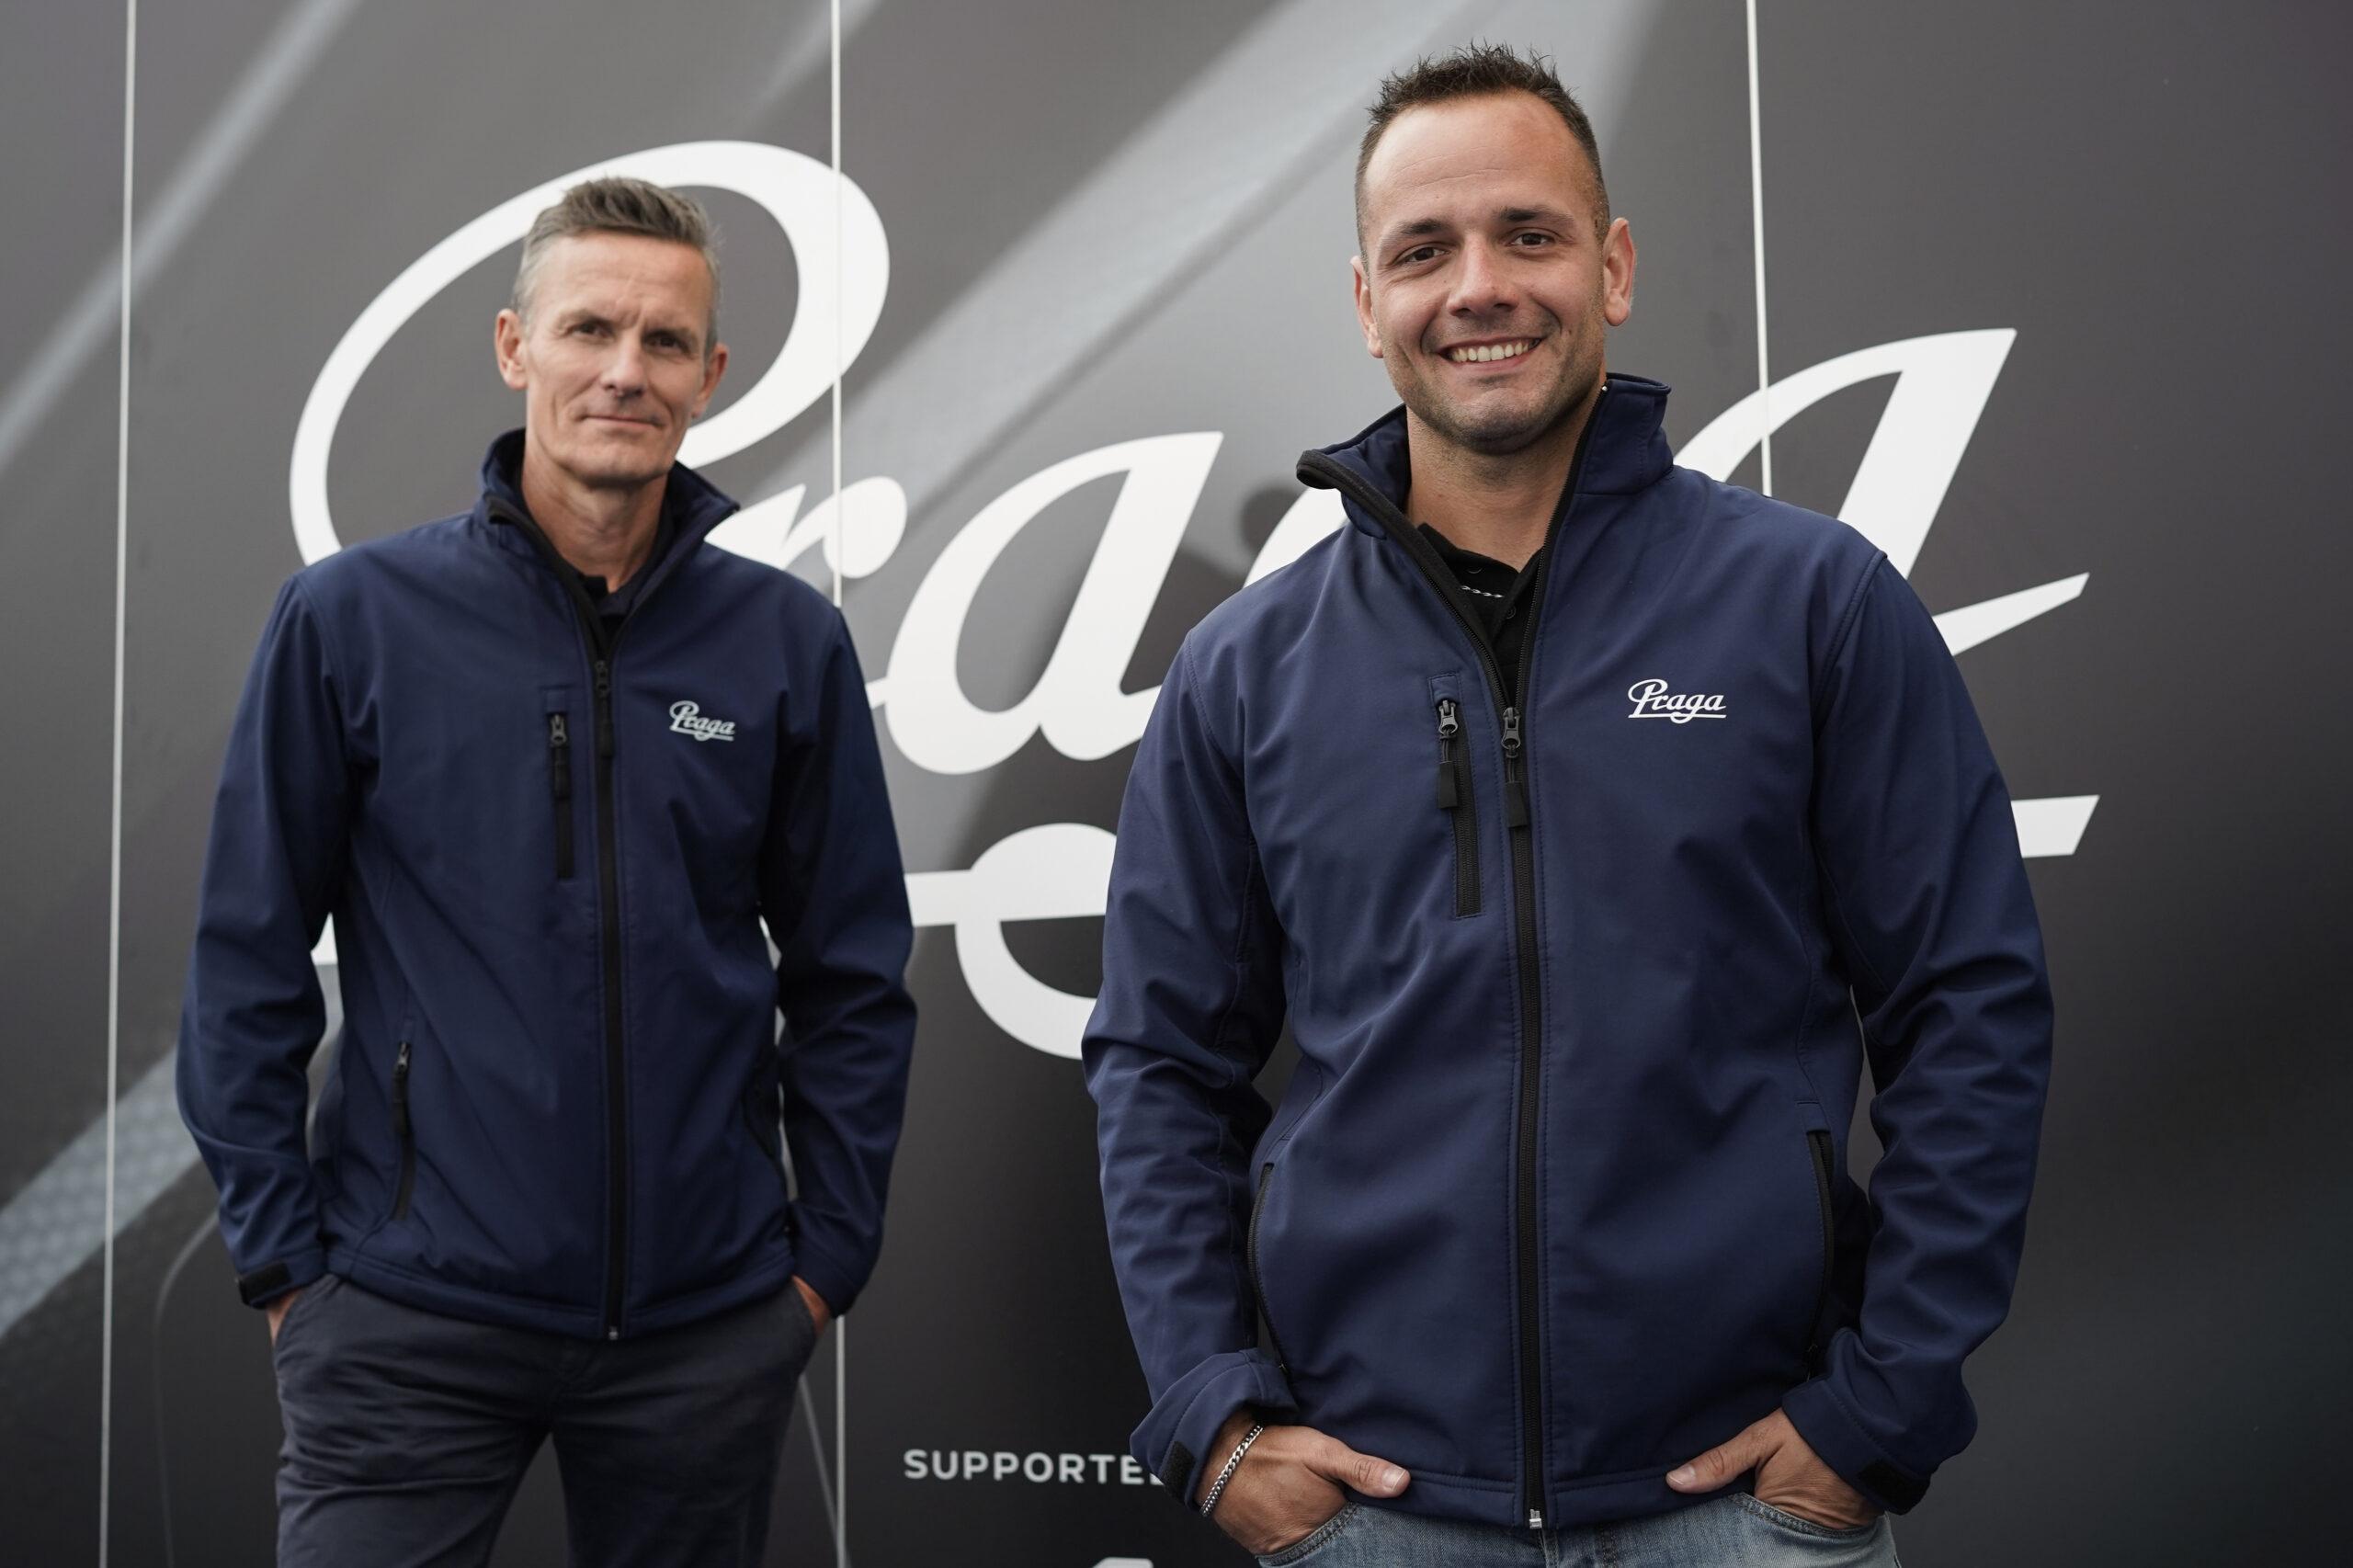 Praga | Praga Cars confirms first international partners in new global Praga Racing dealer network